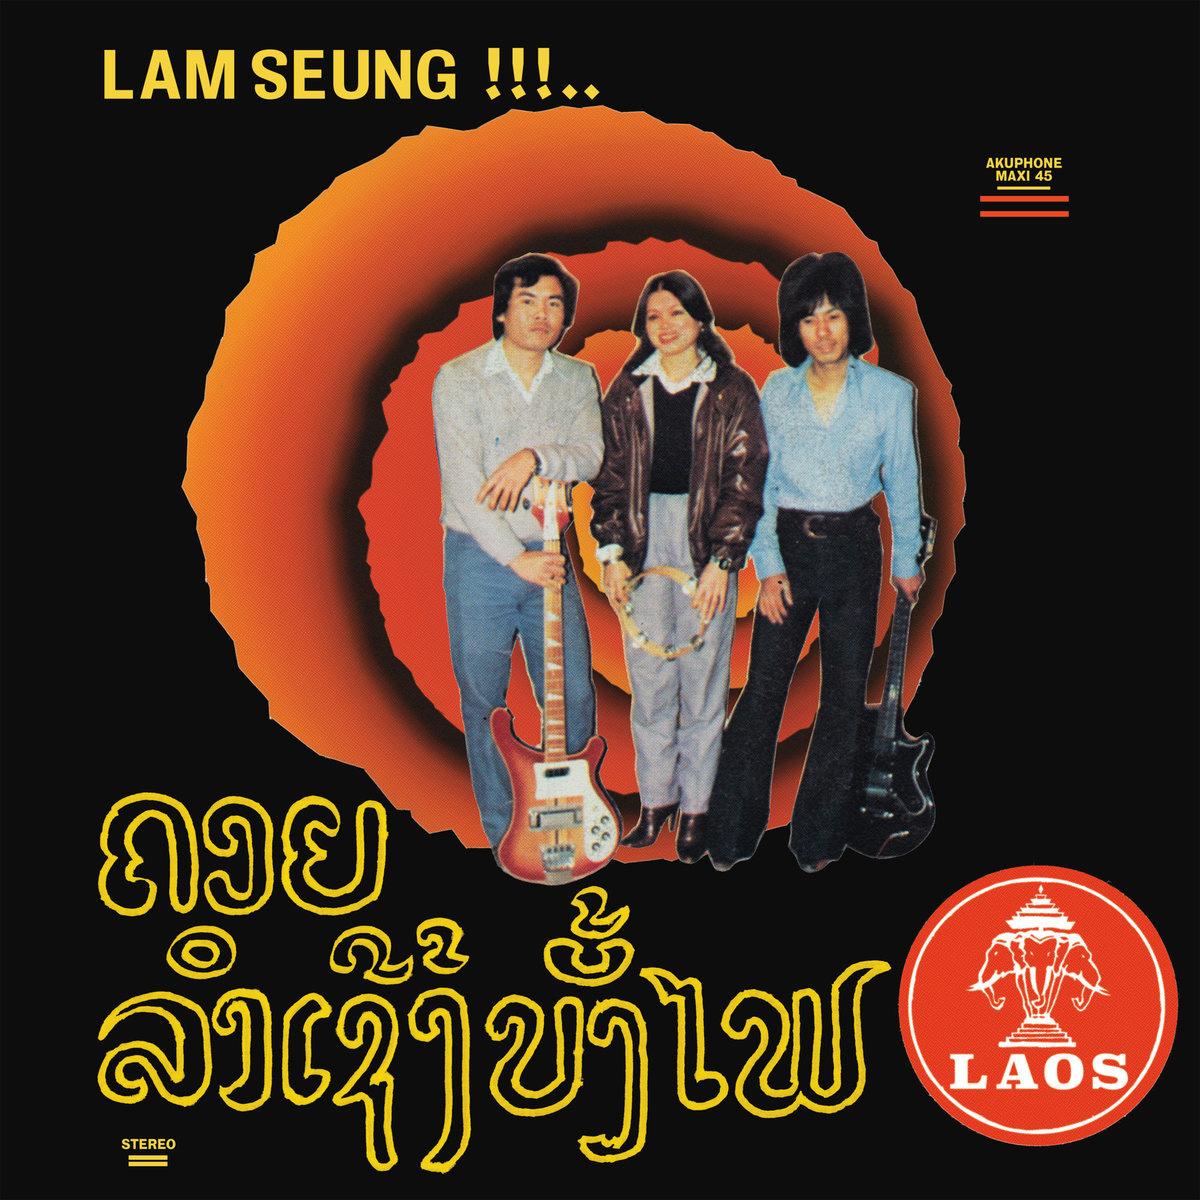 Единственный сингл мистического лаосского синти-поп музыканта Sothy «Chansons Laotiennes» впервые переиздан